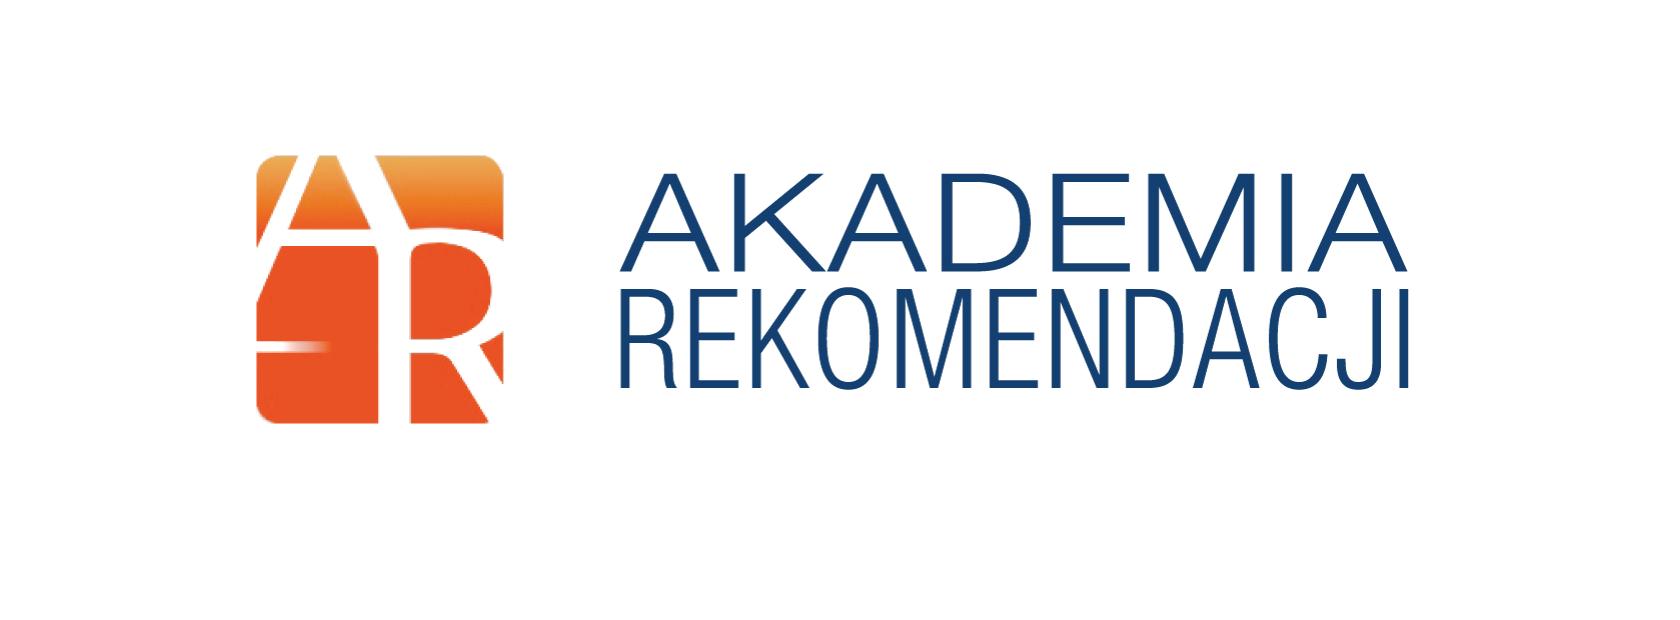 Akademia Rekomendacji Sp. z o.o.